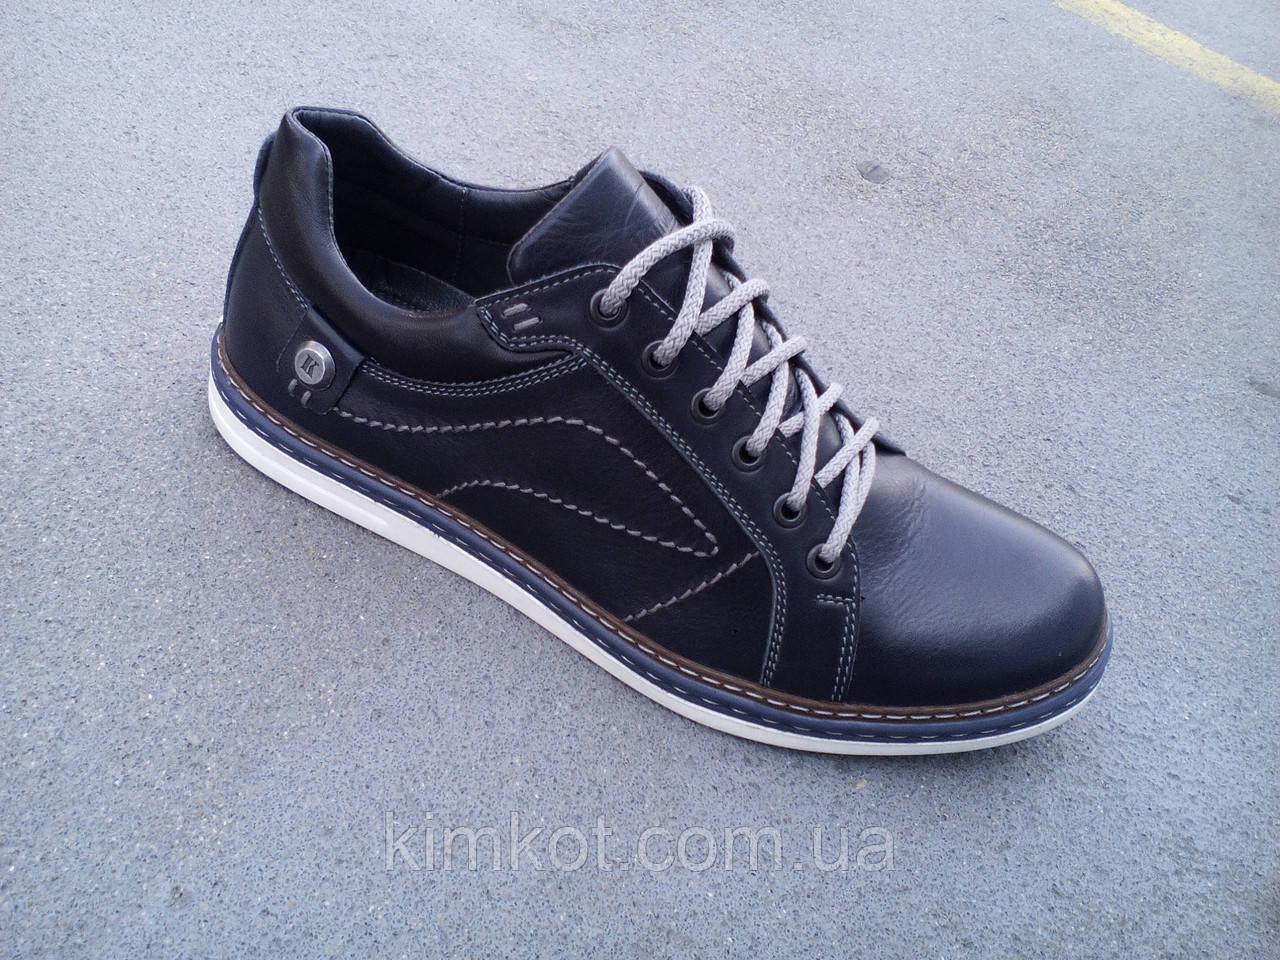 b0eb55daf565 Кроссовки туфли мужские кожаные KARDINAL 40 -45 р-р - Интернет-Магазин